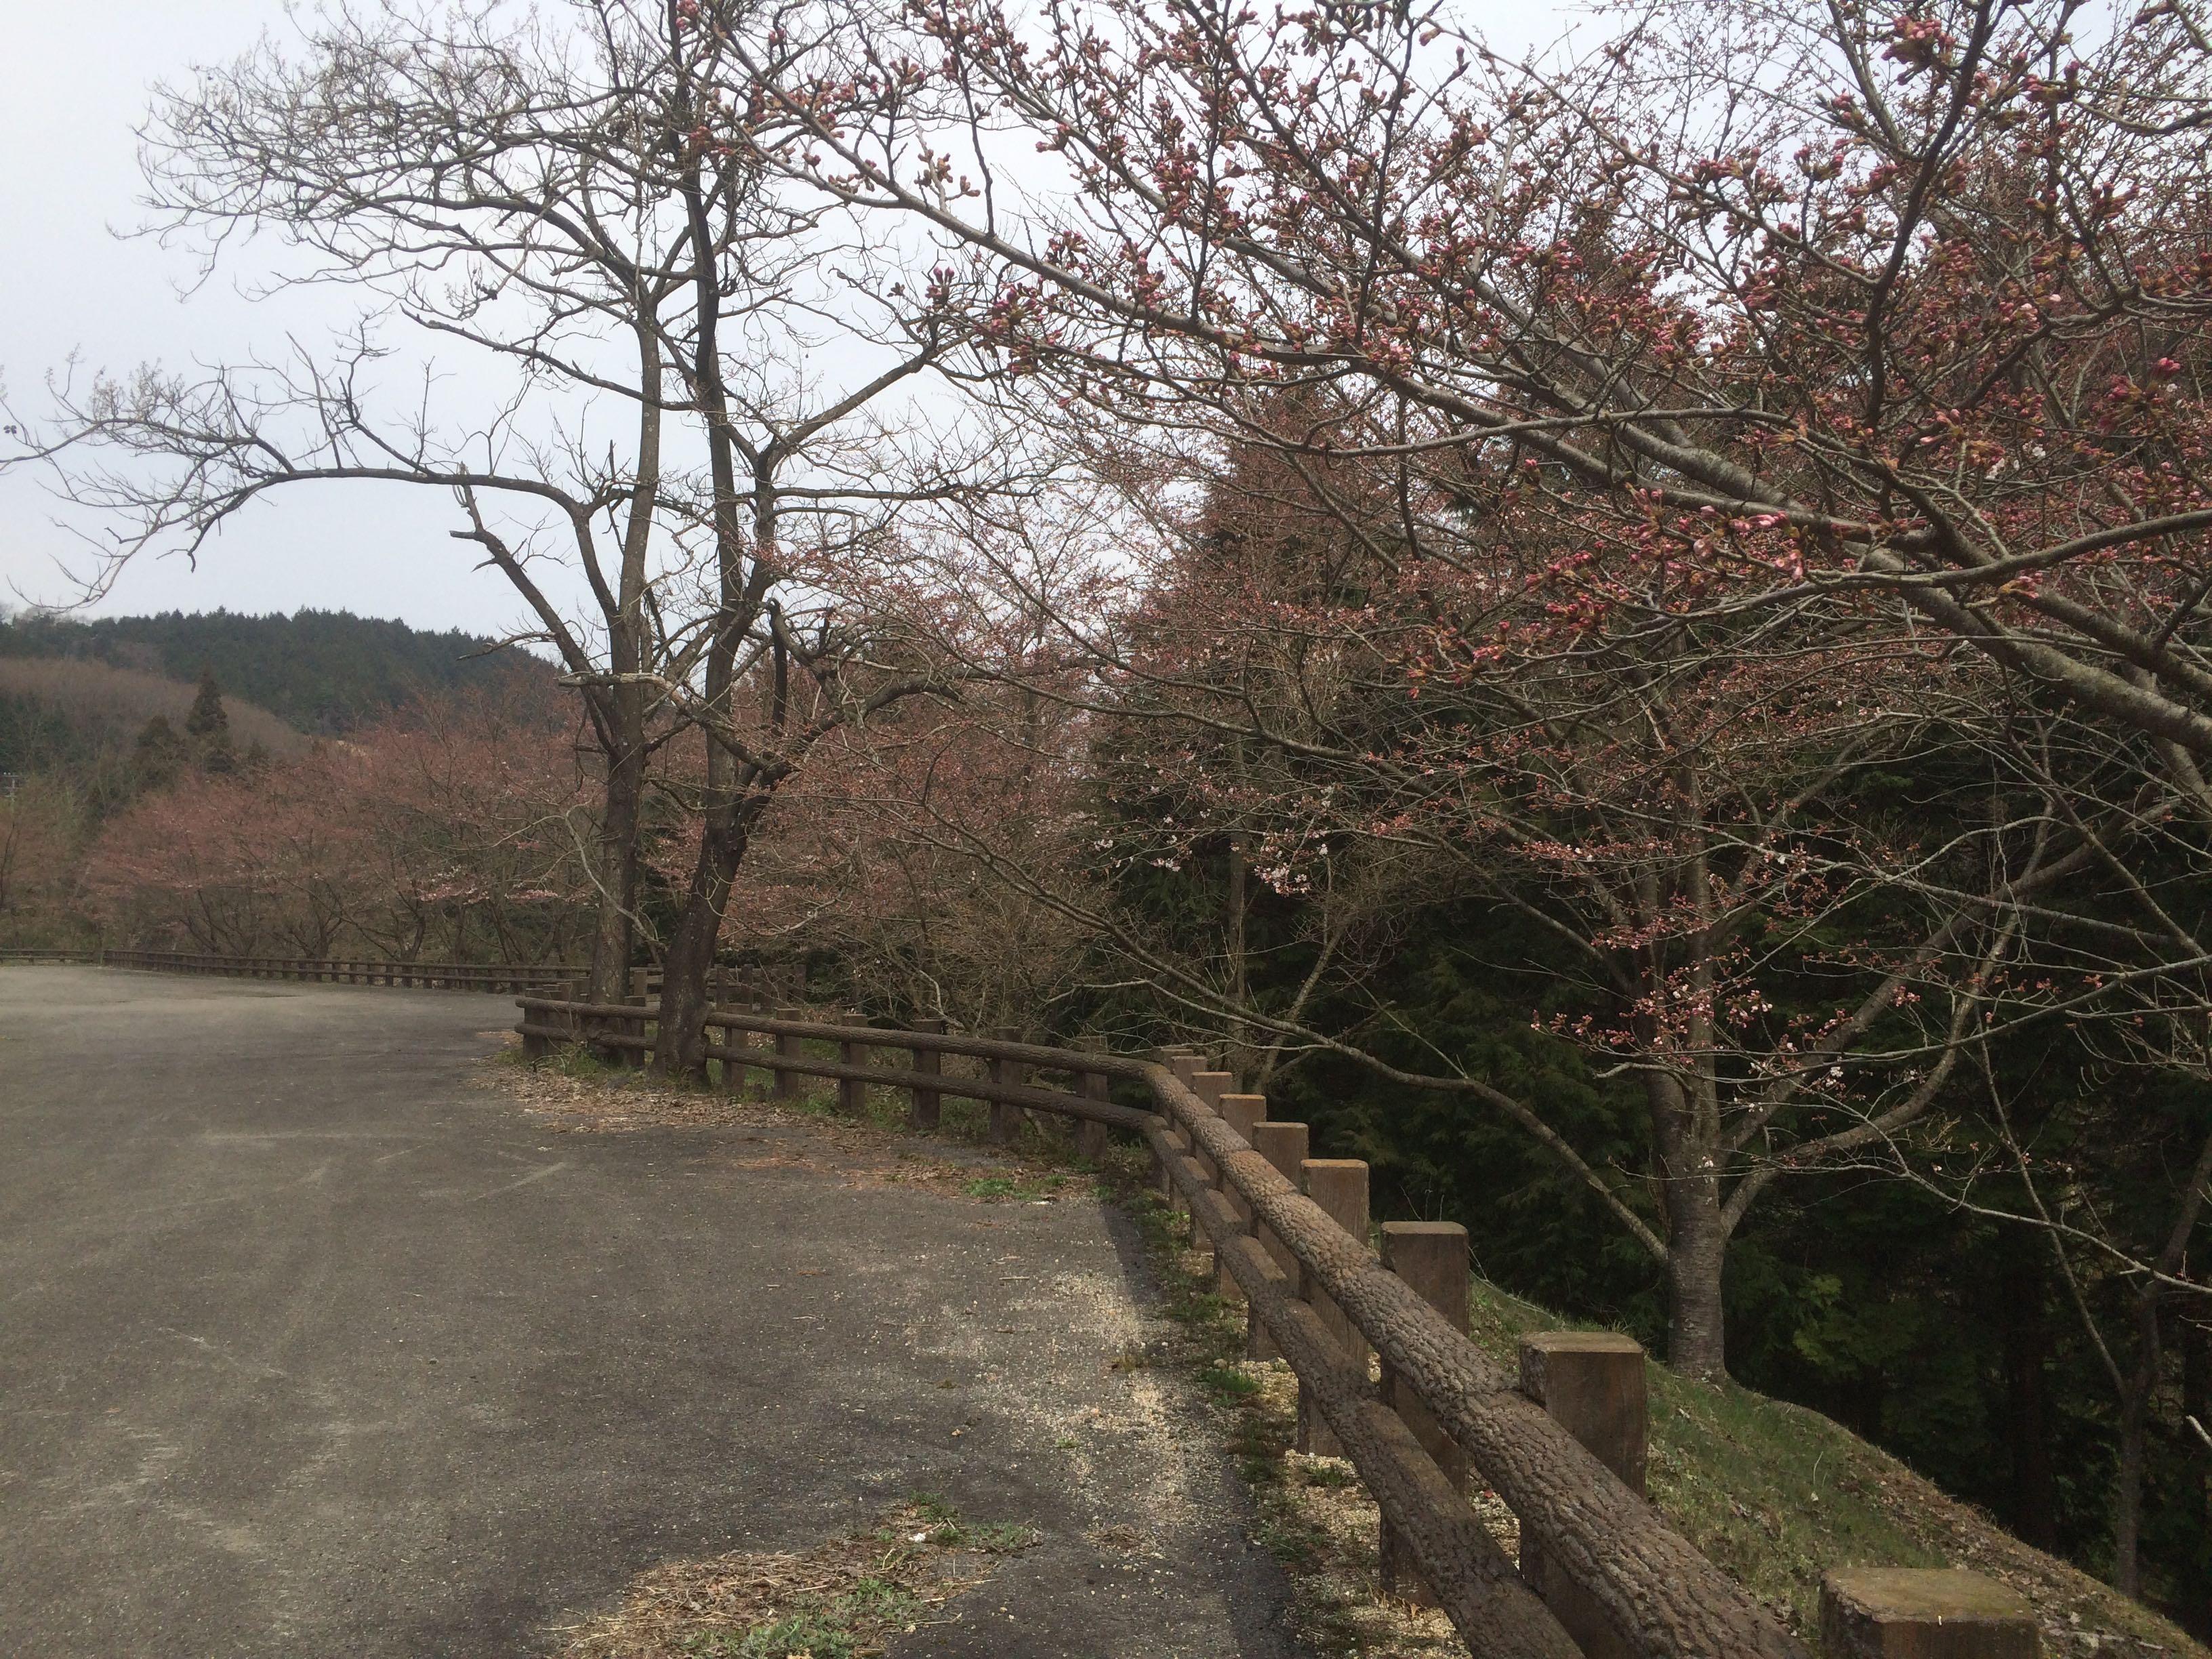 みとん今治,朝倉ダム,桜,朝倉,ソメイヨシノ,緑水公園